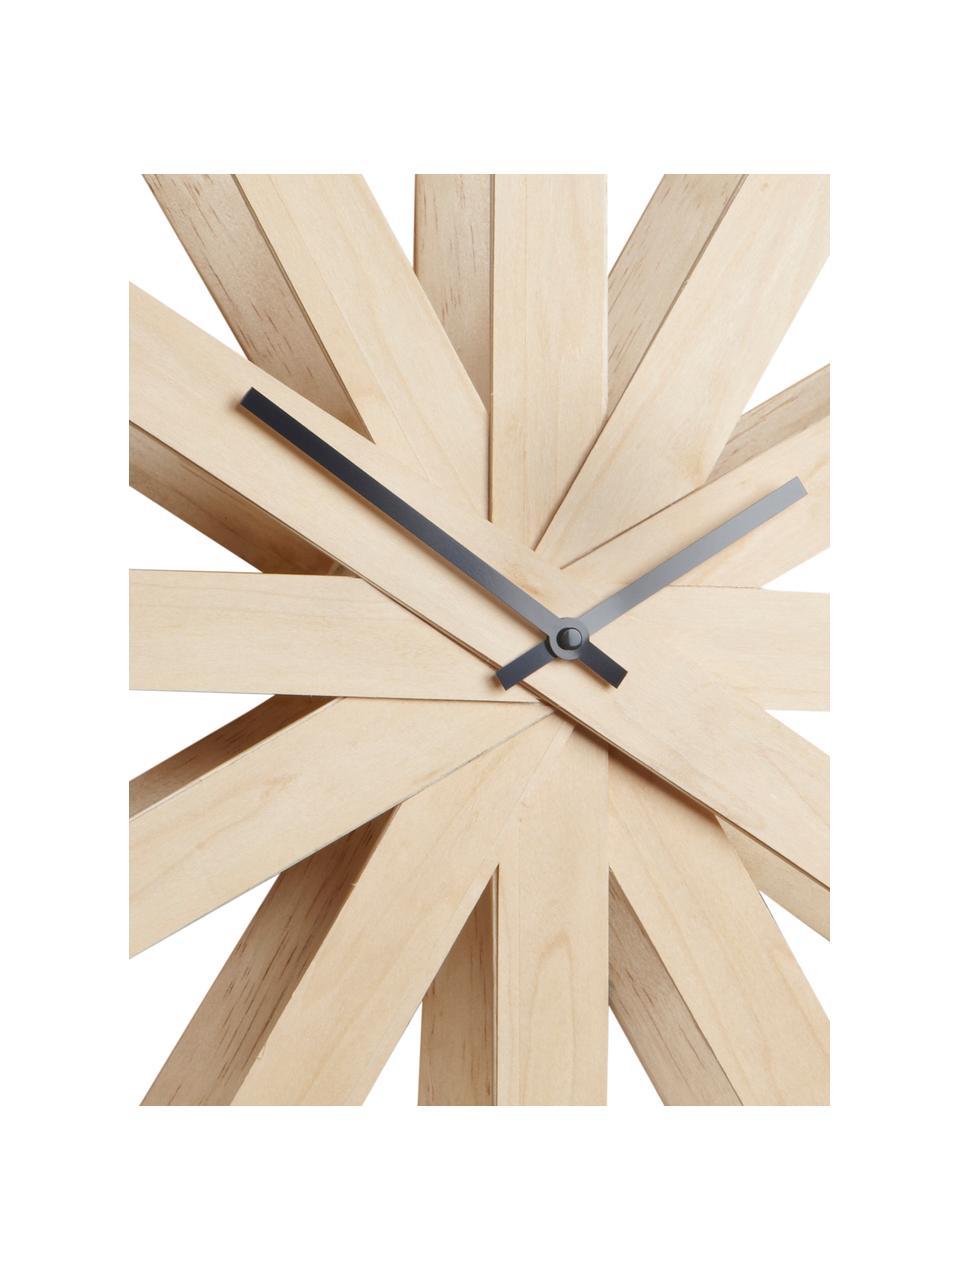 Zegar ścienny Ribbon, Drewno bukowe, antracytowy, Ø 51 cm